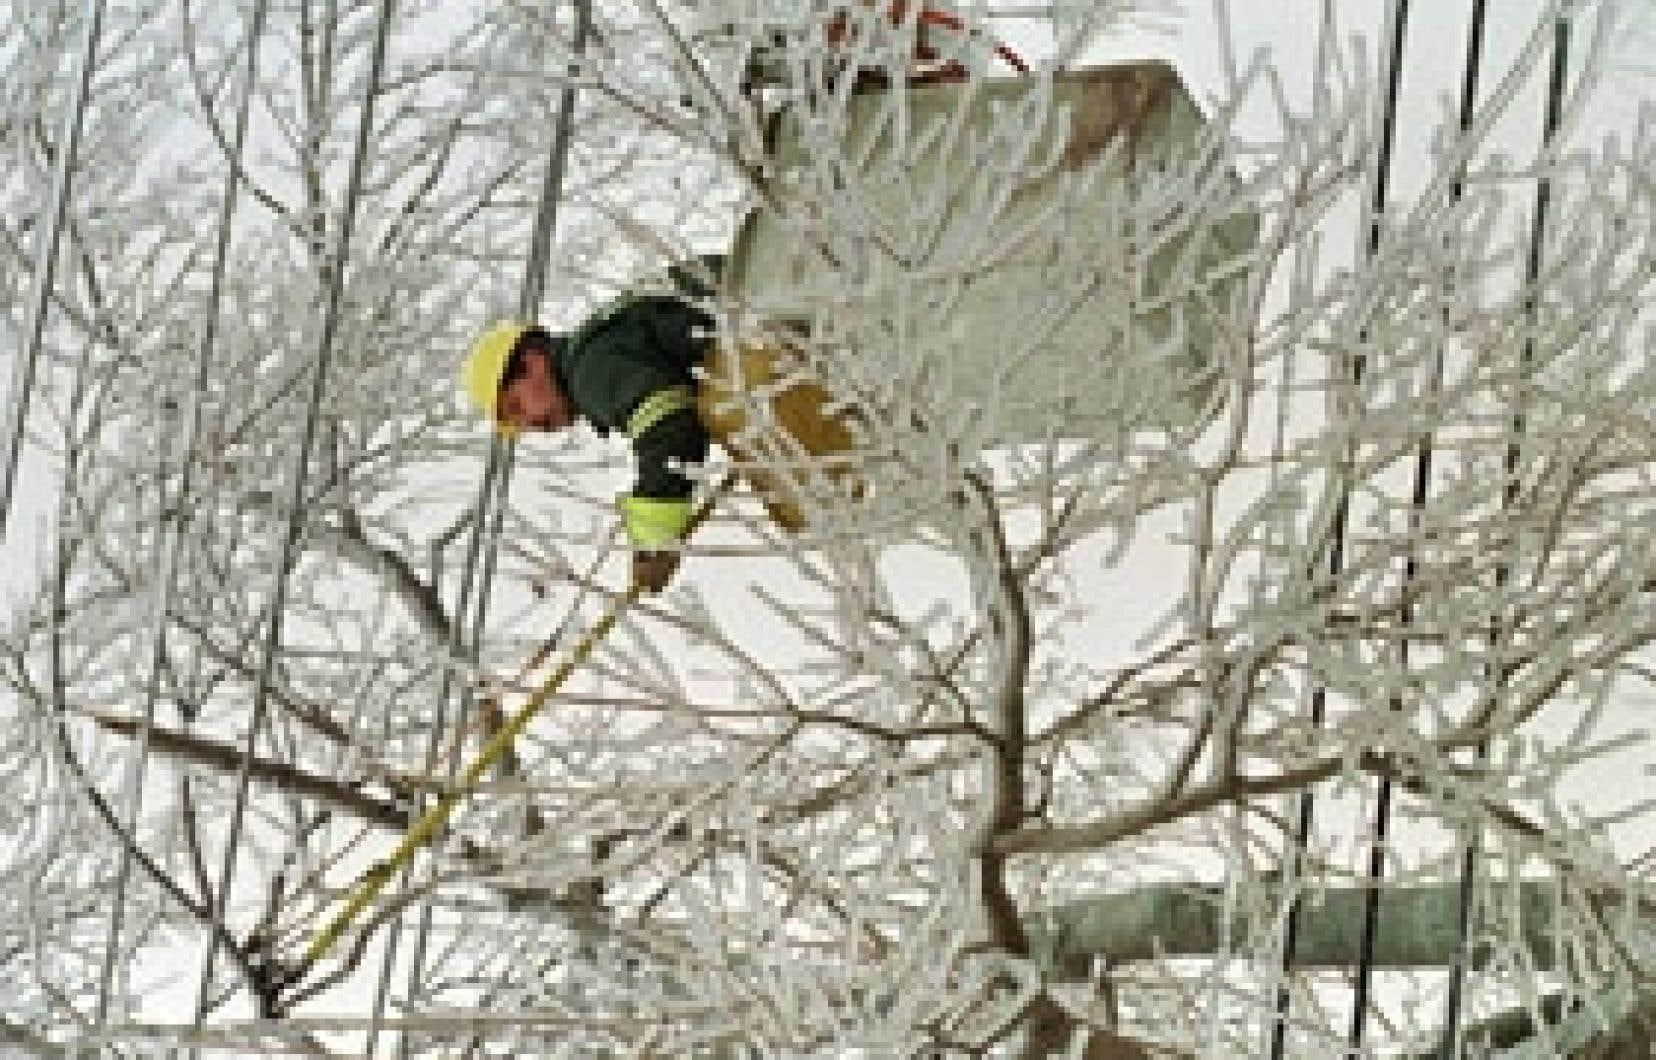 Un an avant le grand verglas de 1998 (notre photo), une tempête de pluie verglaçante a durement touché plusieurs régions. Le verglas a de tout temps provoqué de petites crises au Québec.